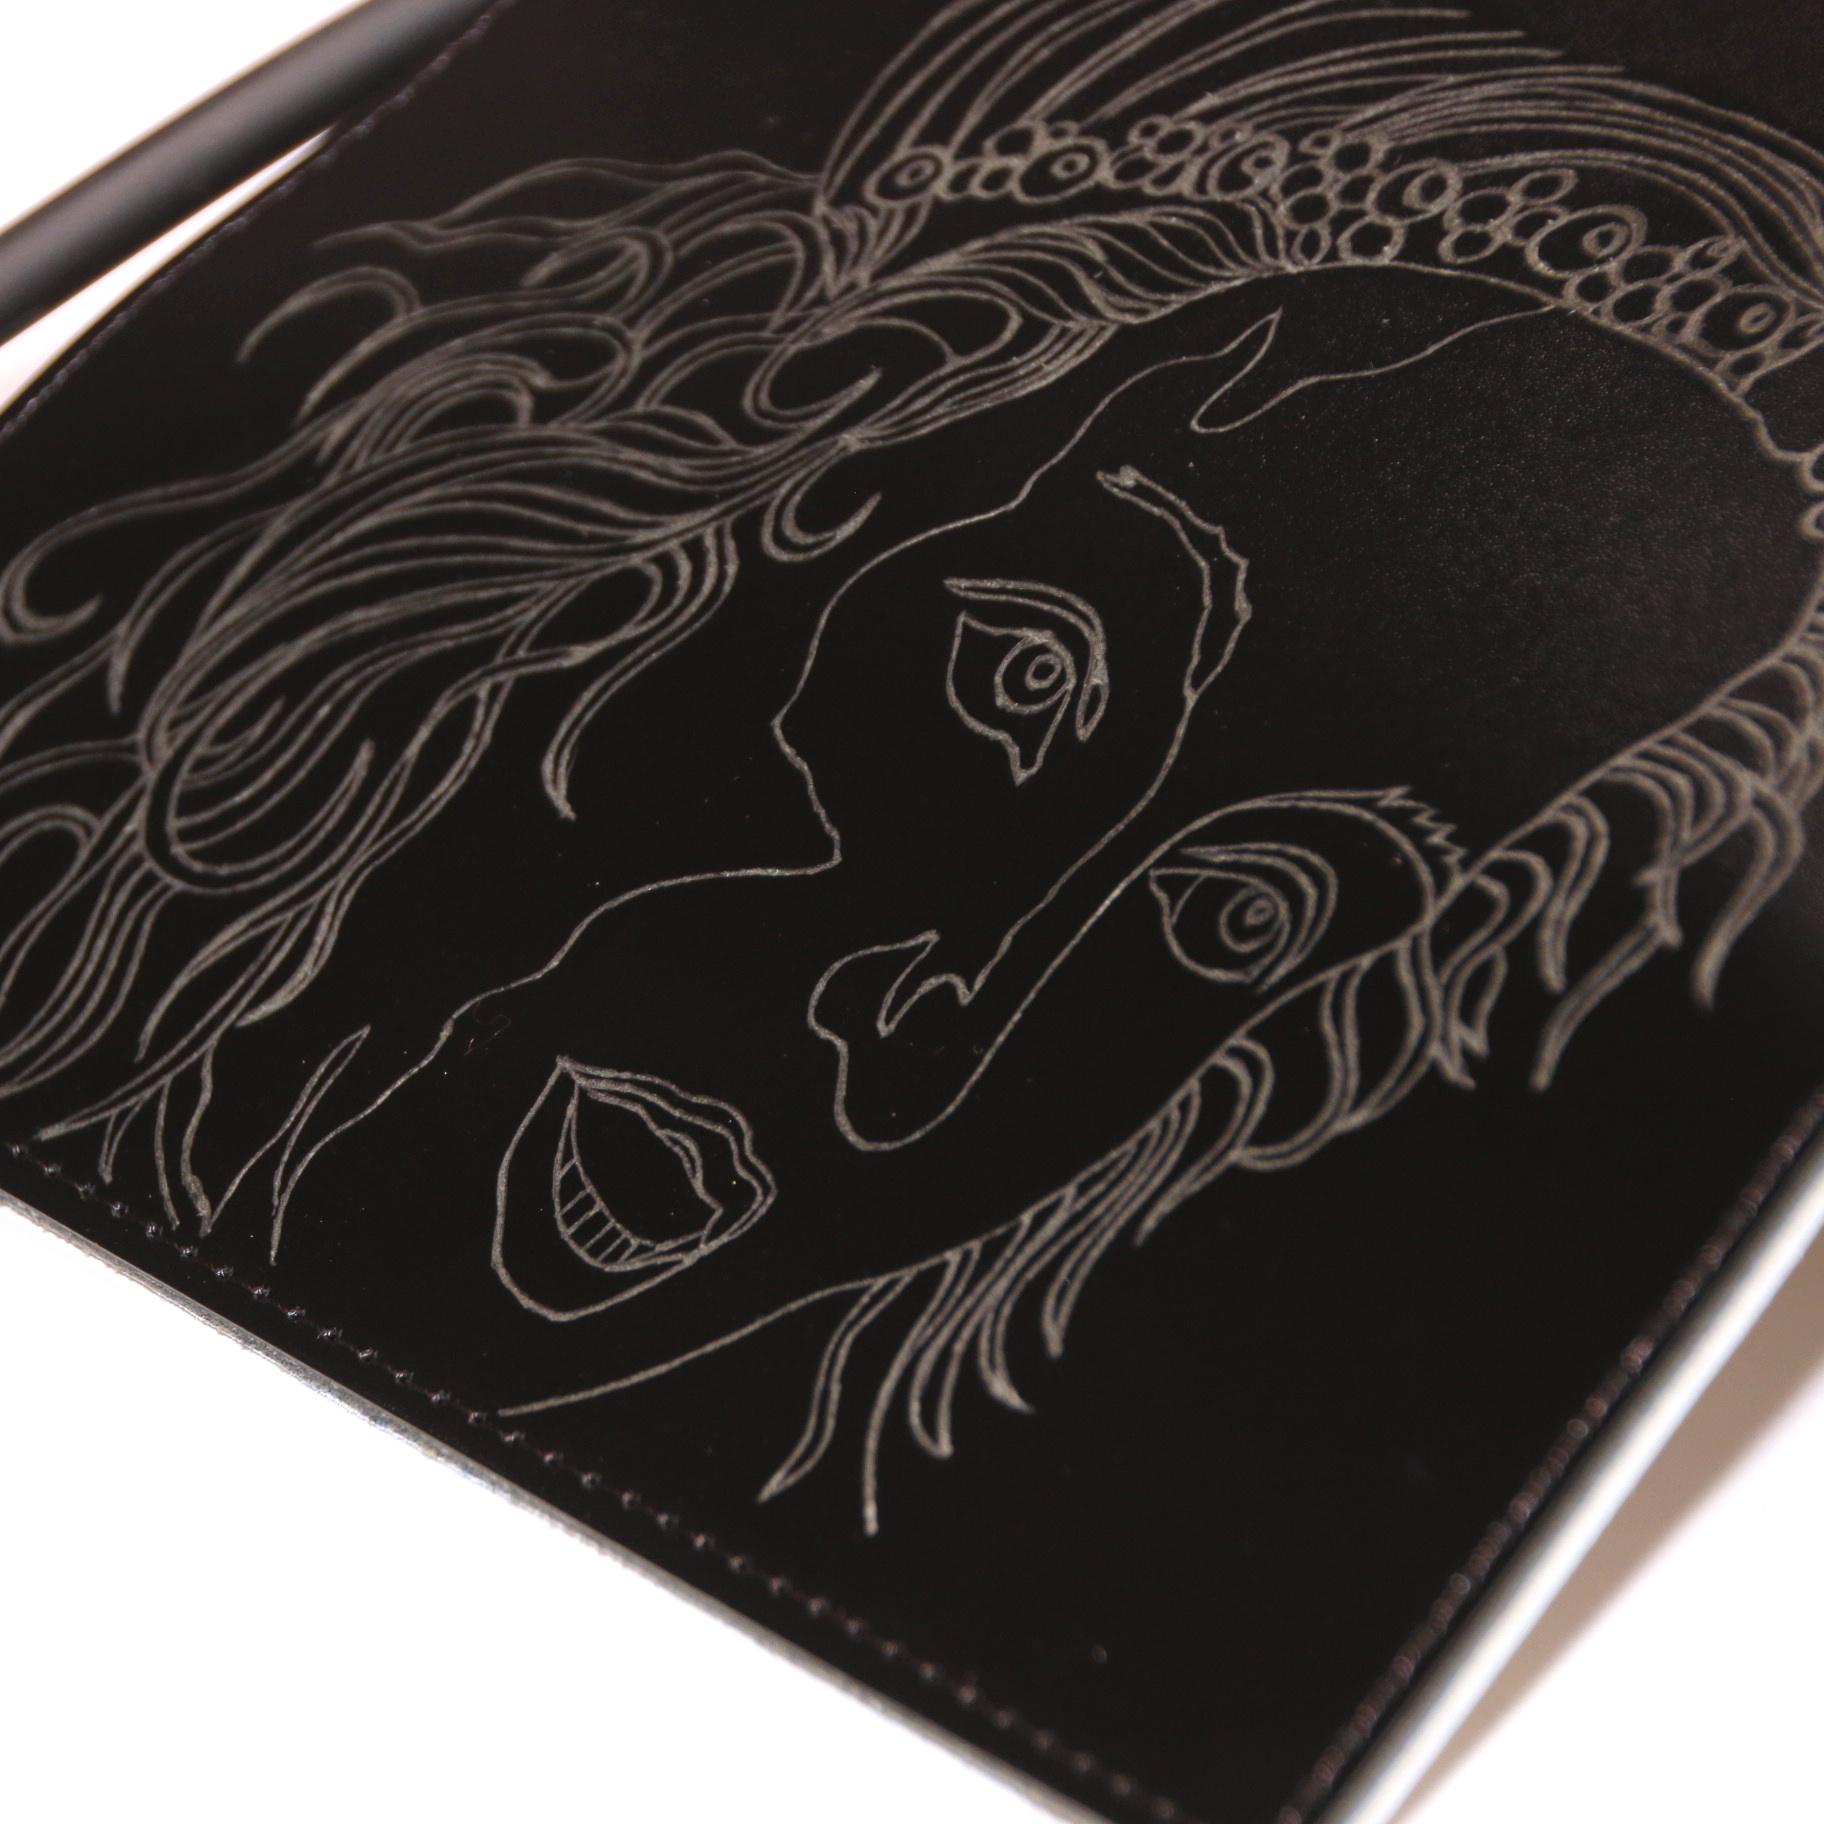 PAARL Unieke handgemaakte en gegraveerde handtas afbeelding zingende engelen- PAARL